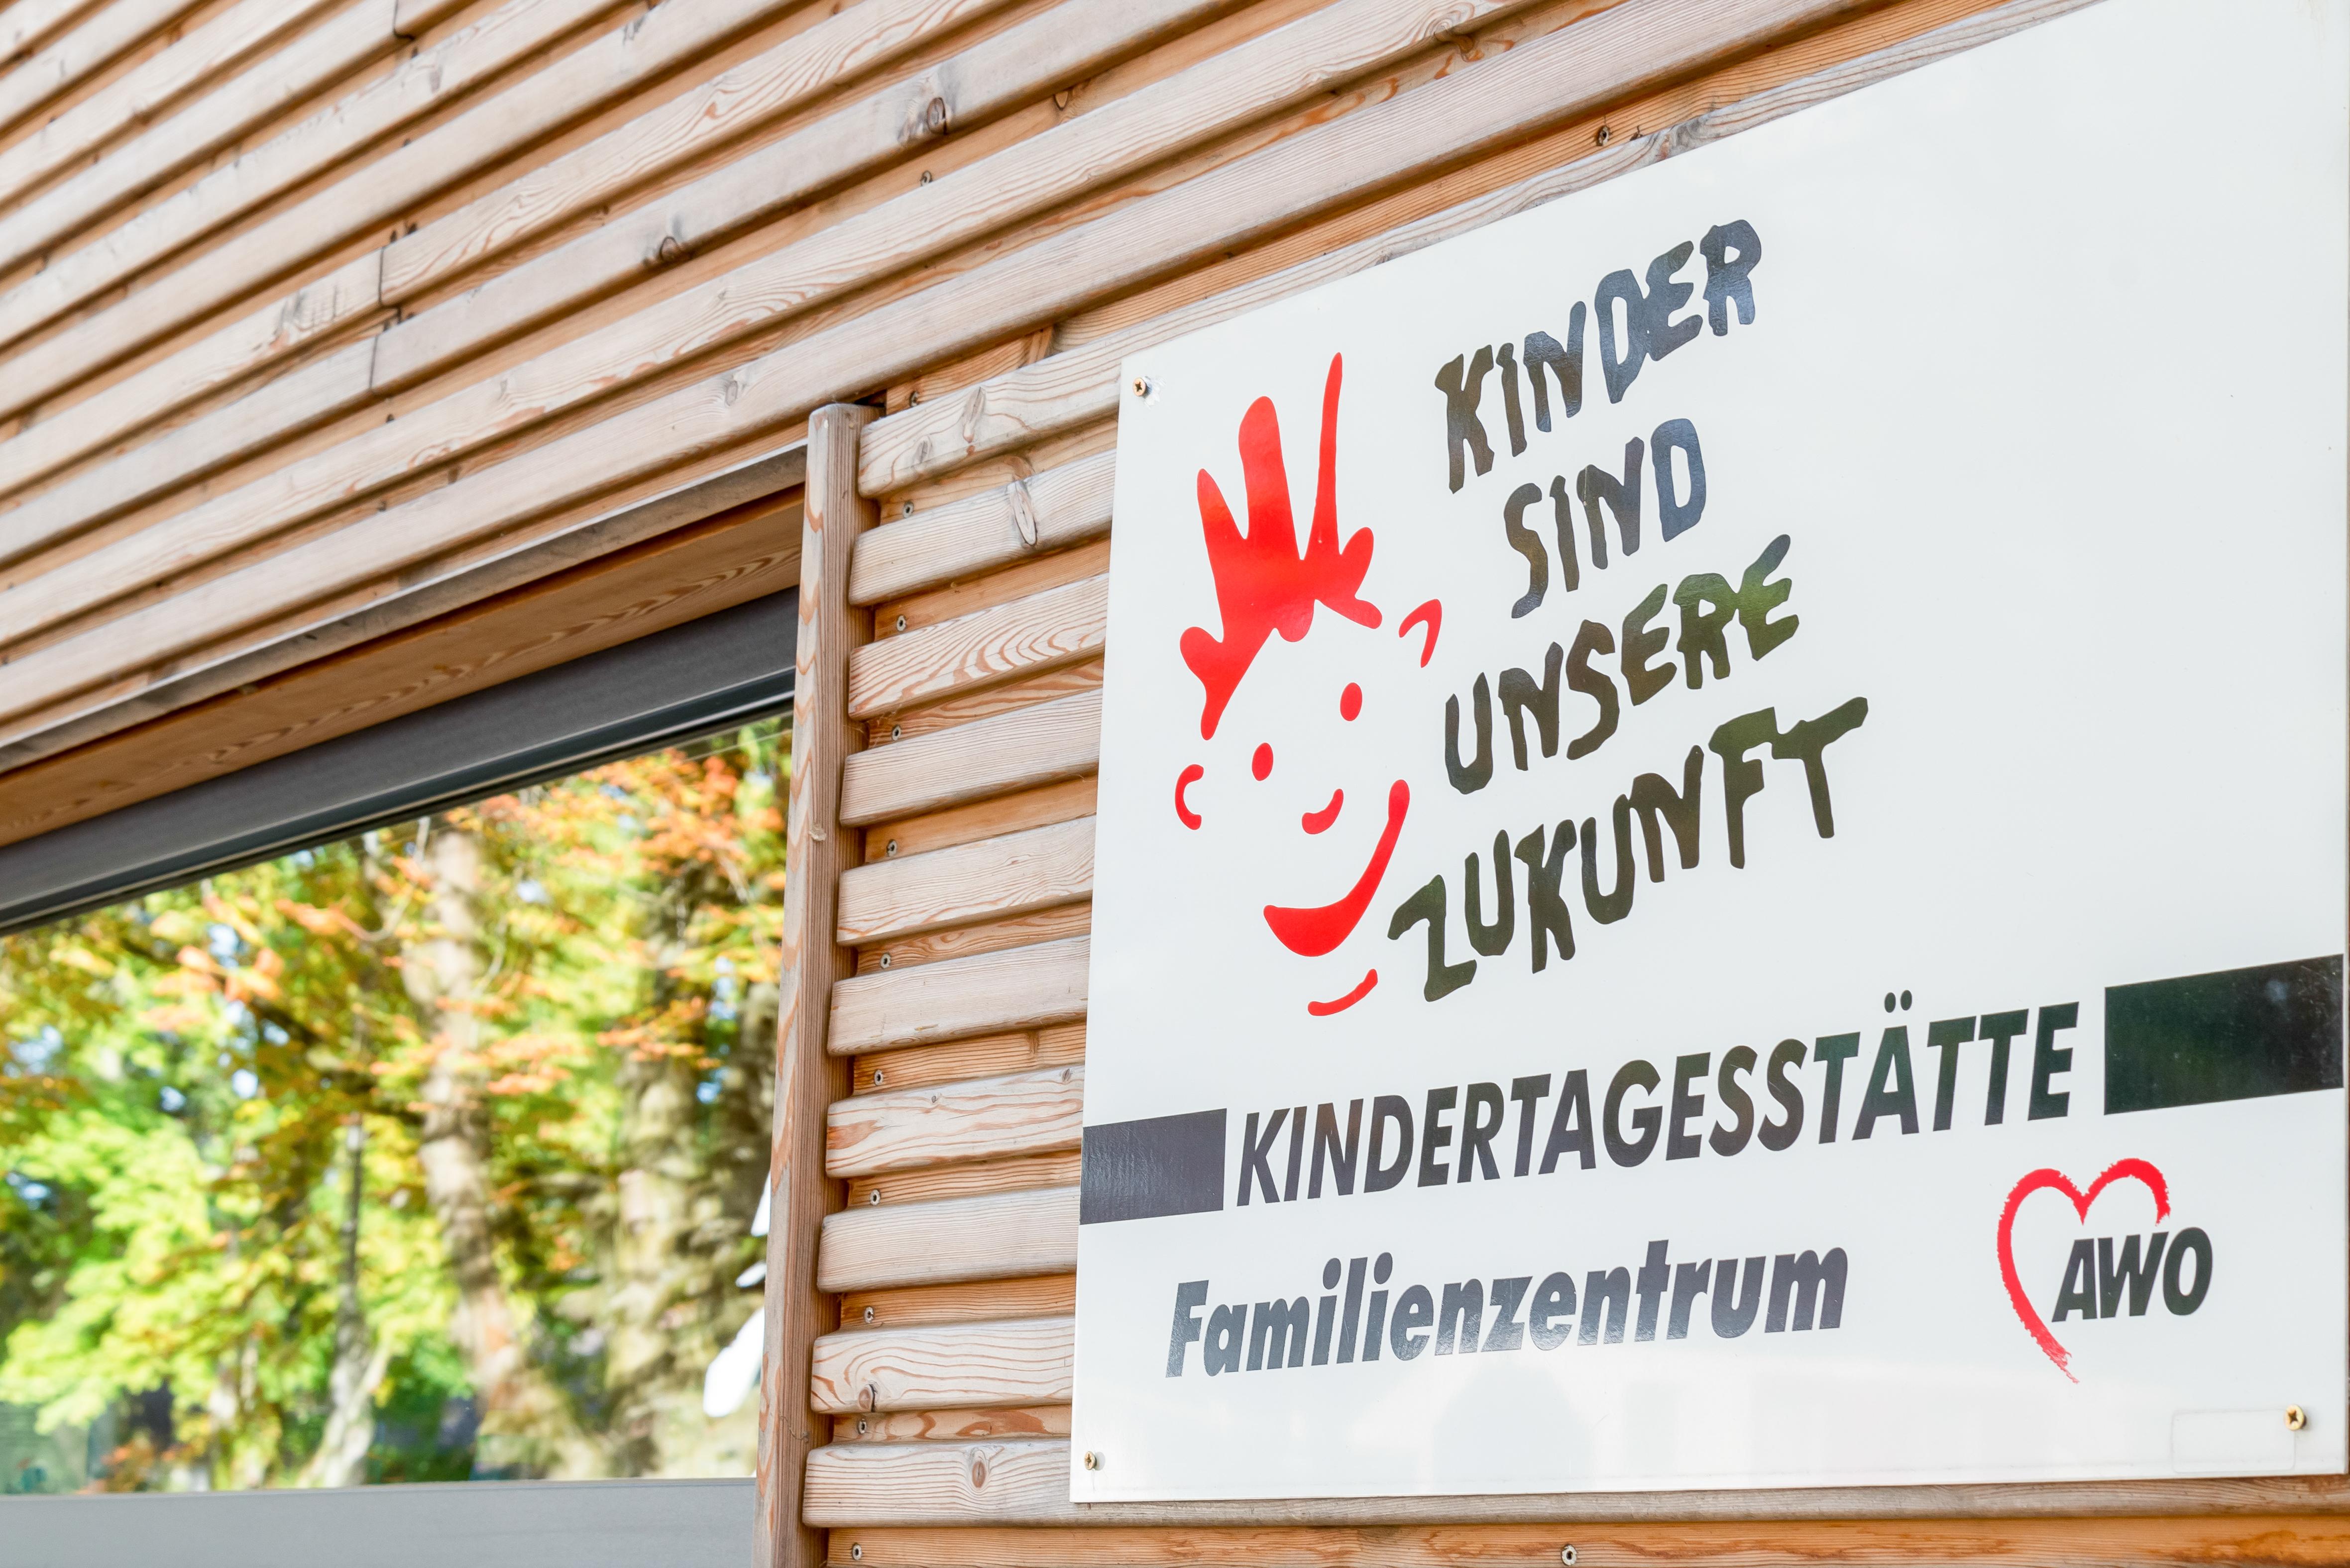 AWO Kindertagesstätte Schwarzenmoor (Familienzentrum)